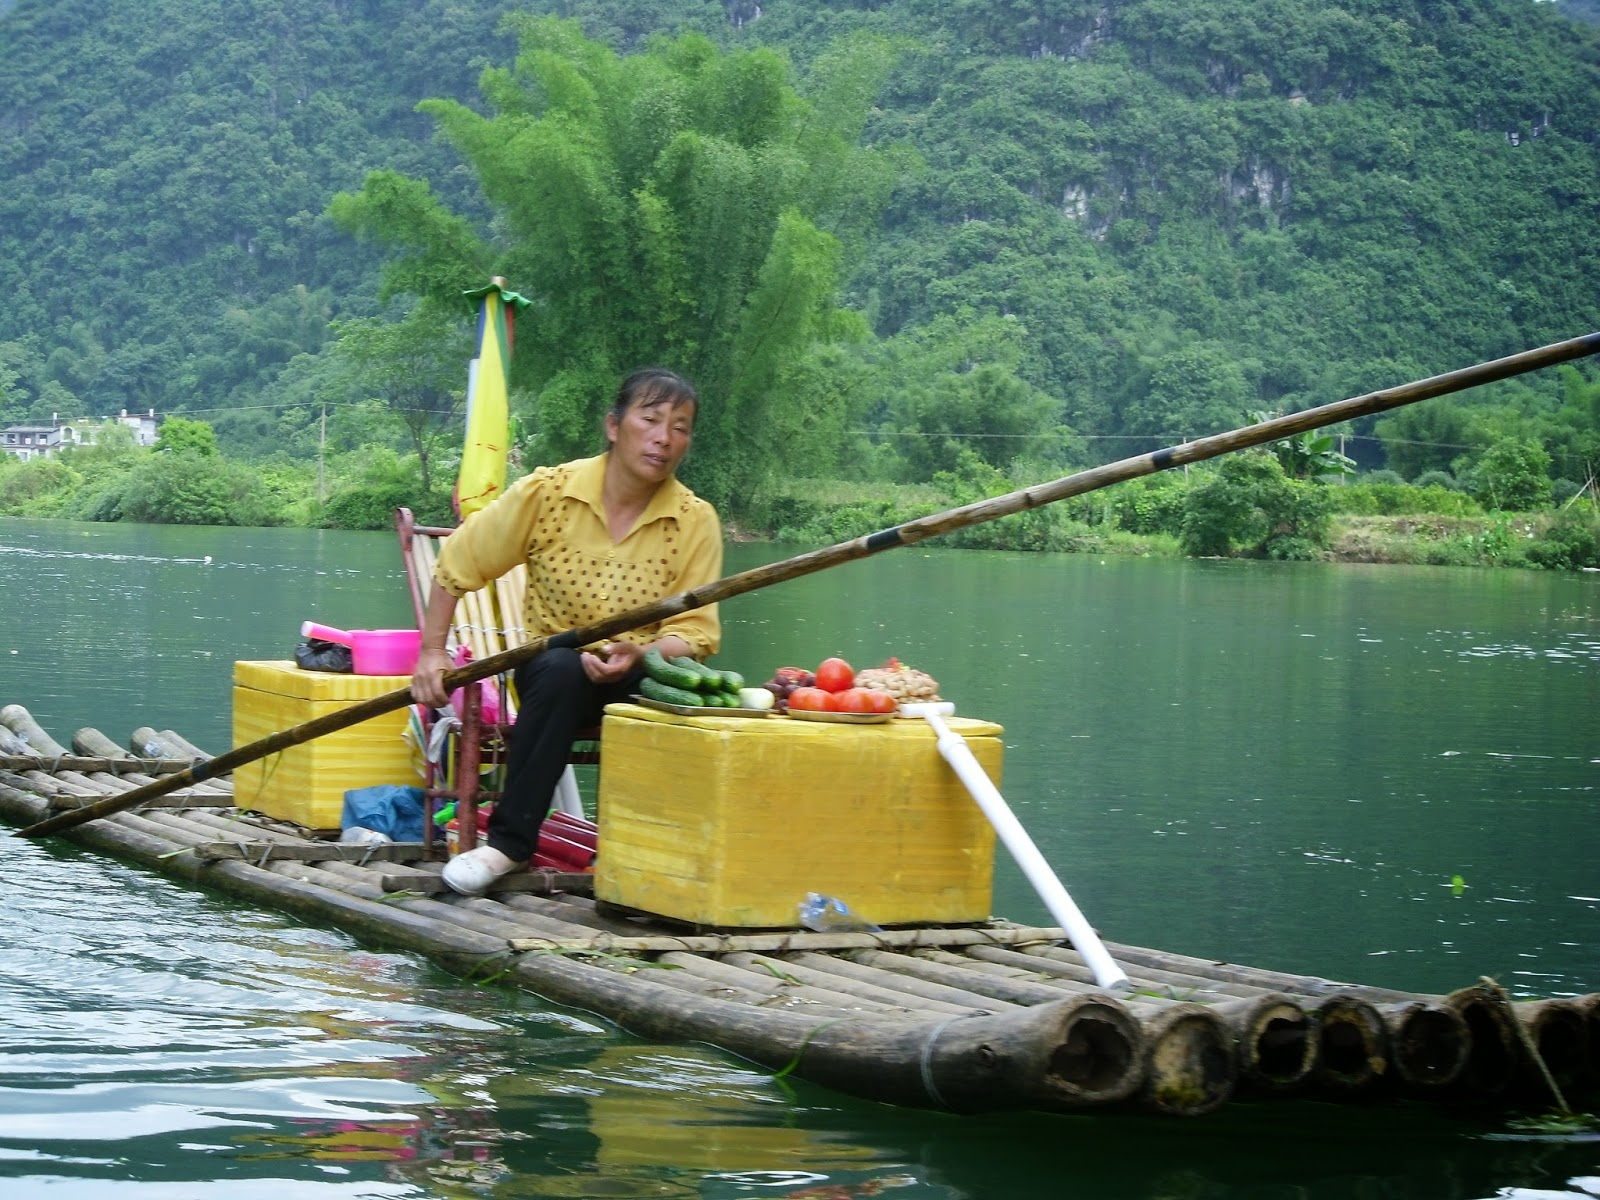 Diferencas culturais na China